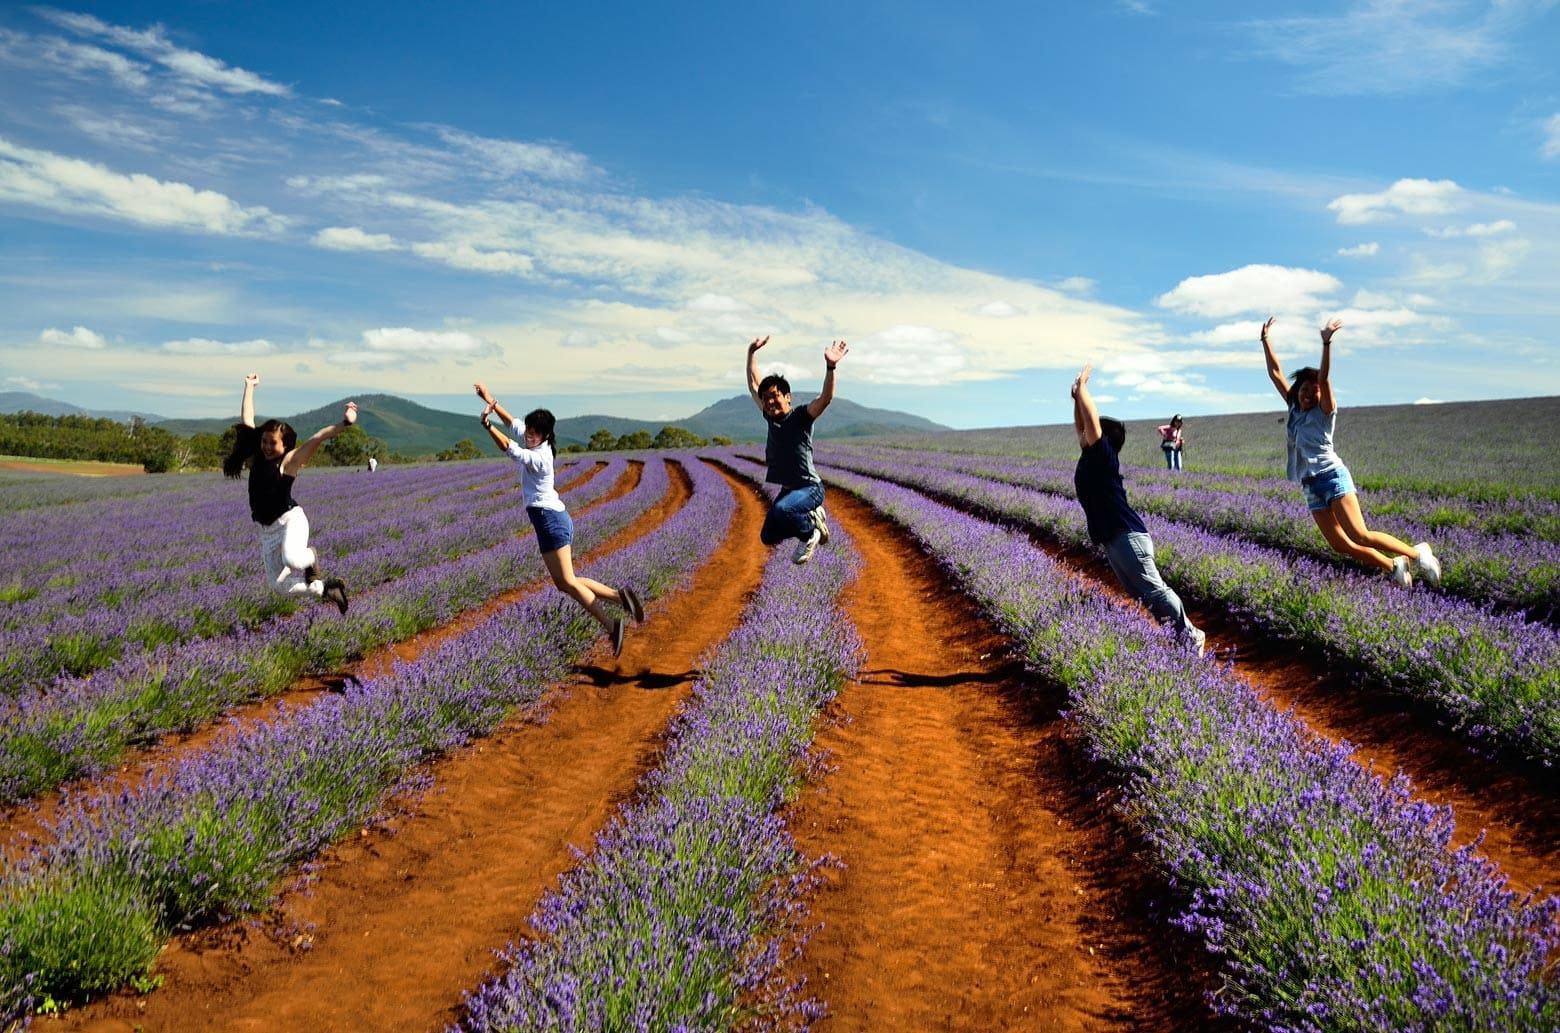 Bridestowe Estate - Tasmania itinerary (7 days)